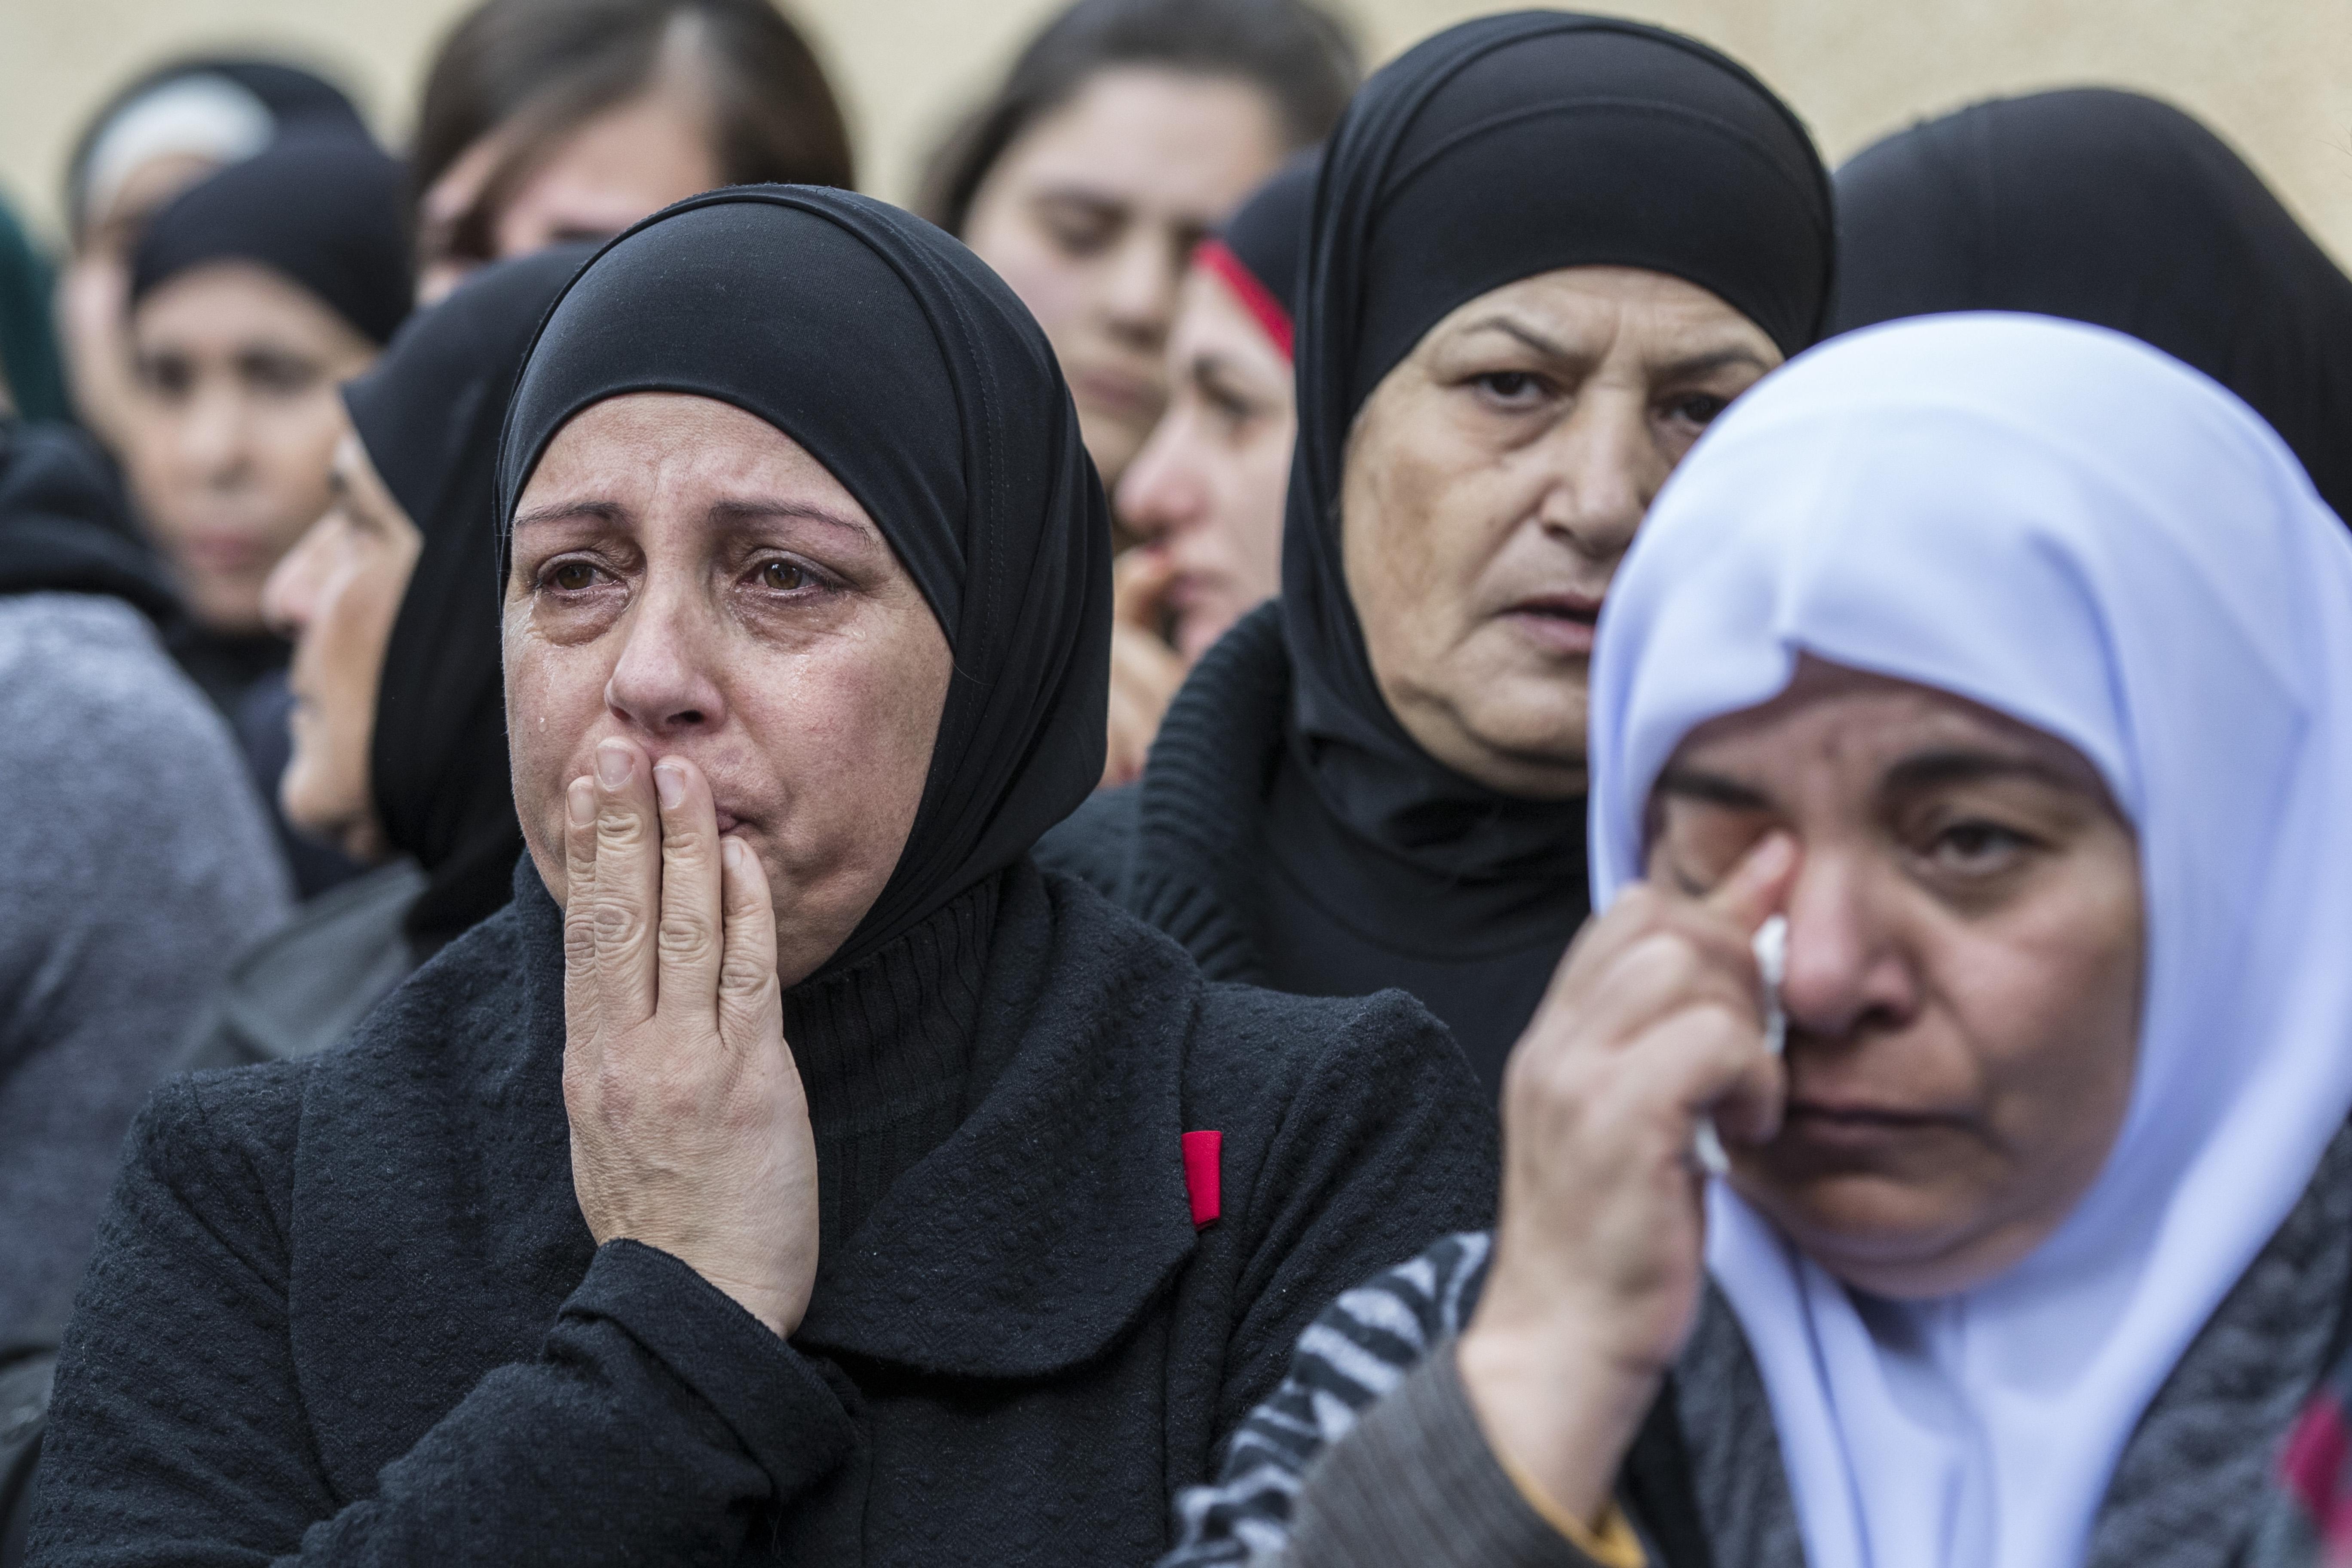 Inicio de 2017 con atentados de ISIS en Turquía e Irak